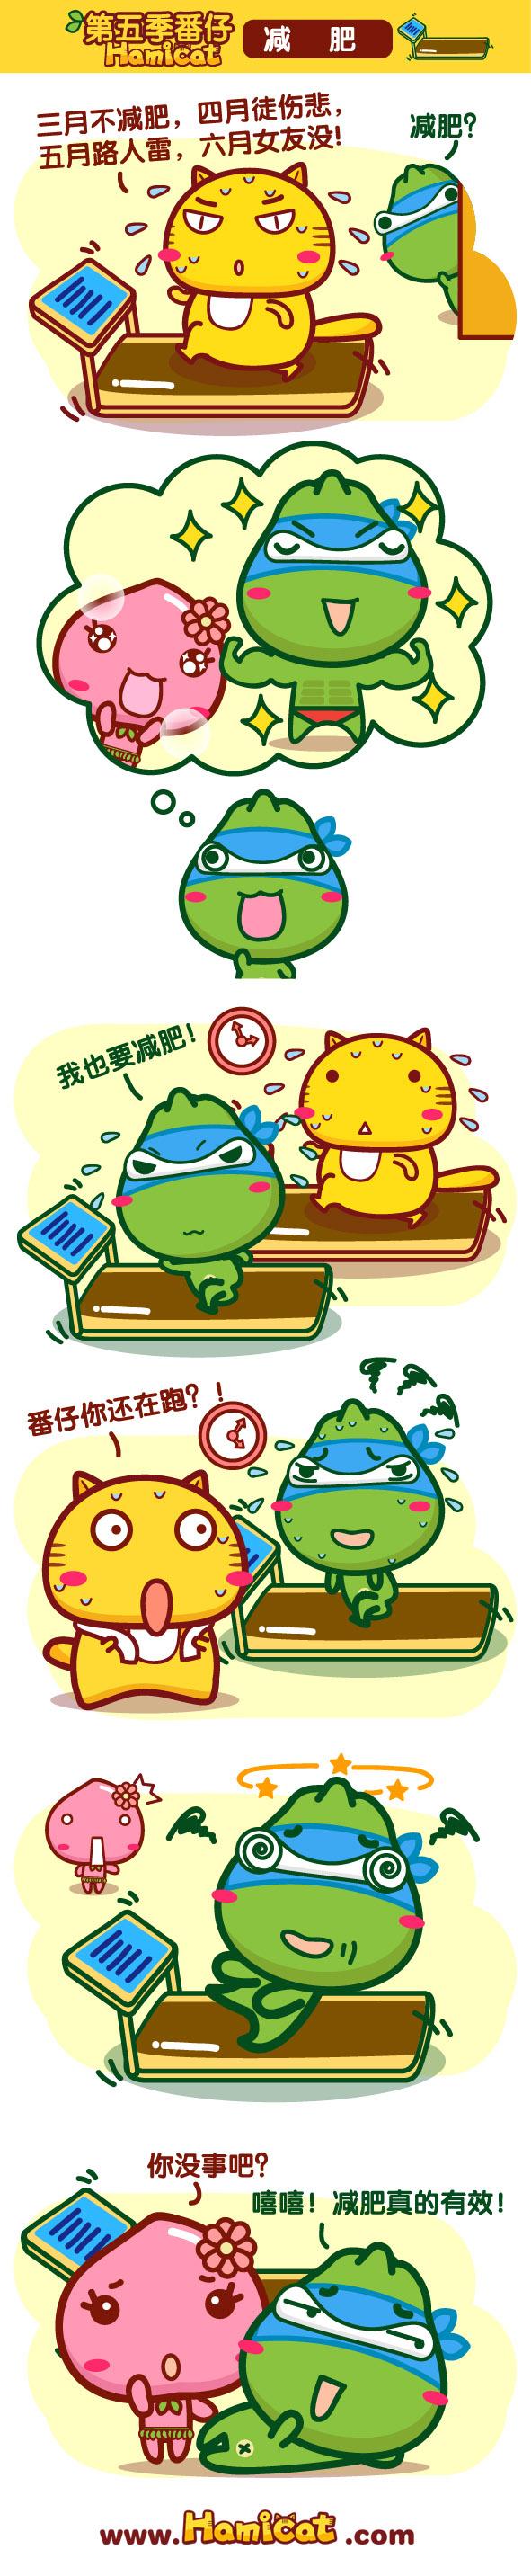 健力宝x哈咪猫漫画5月-02.jpg